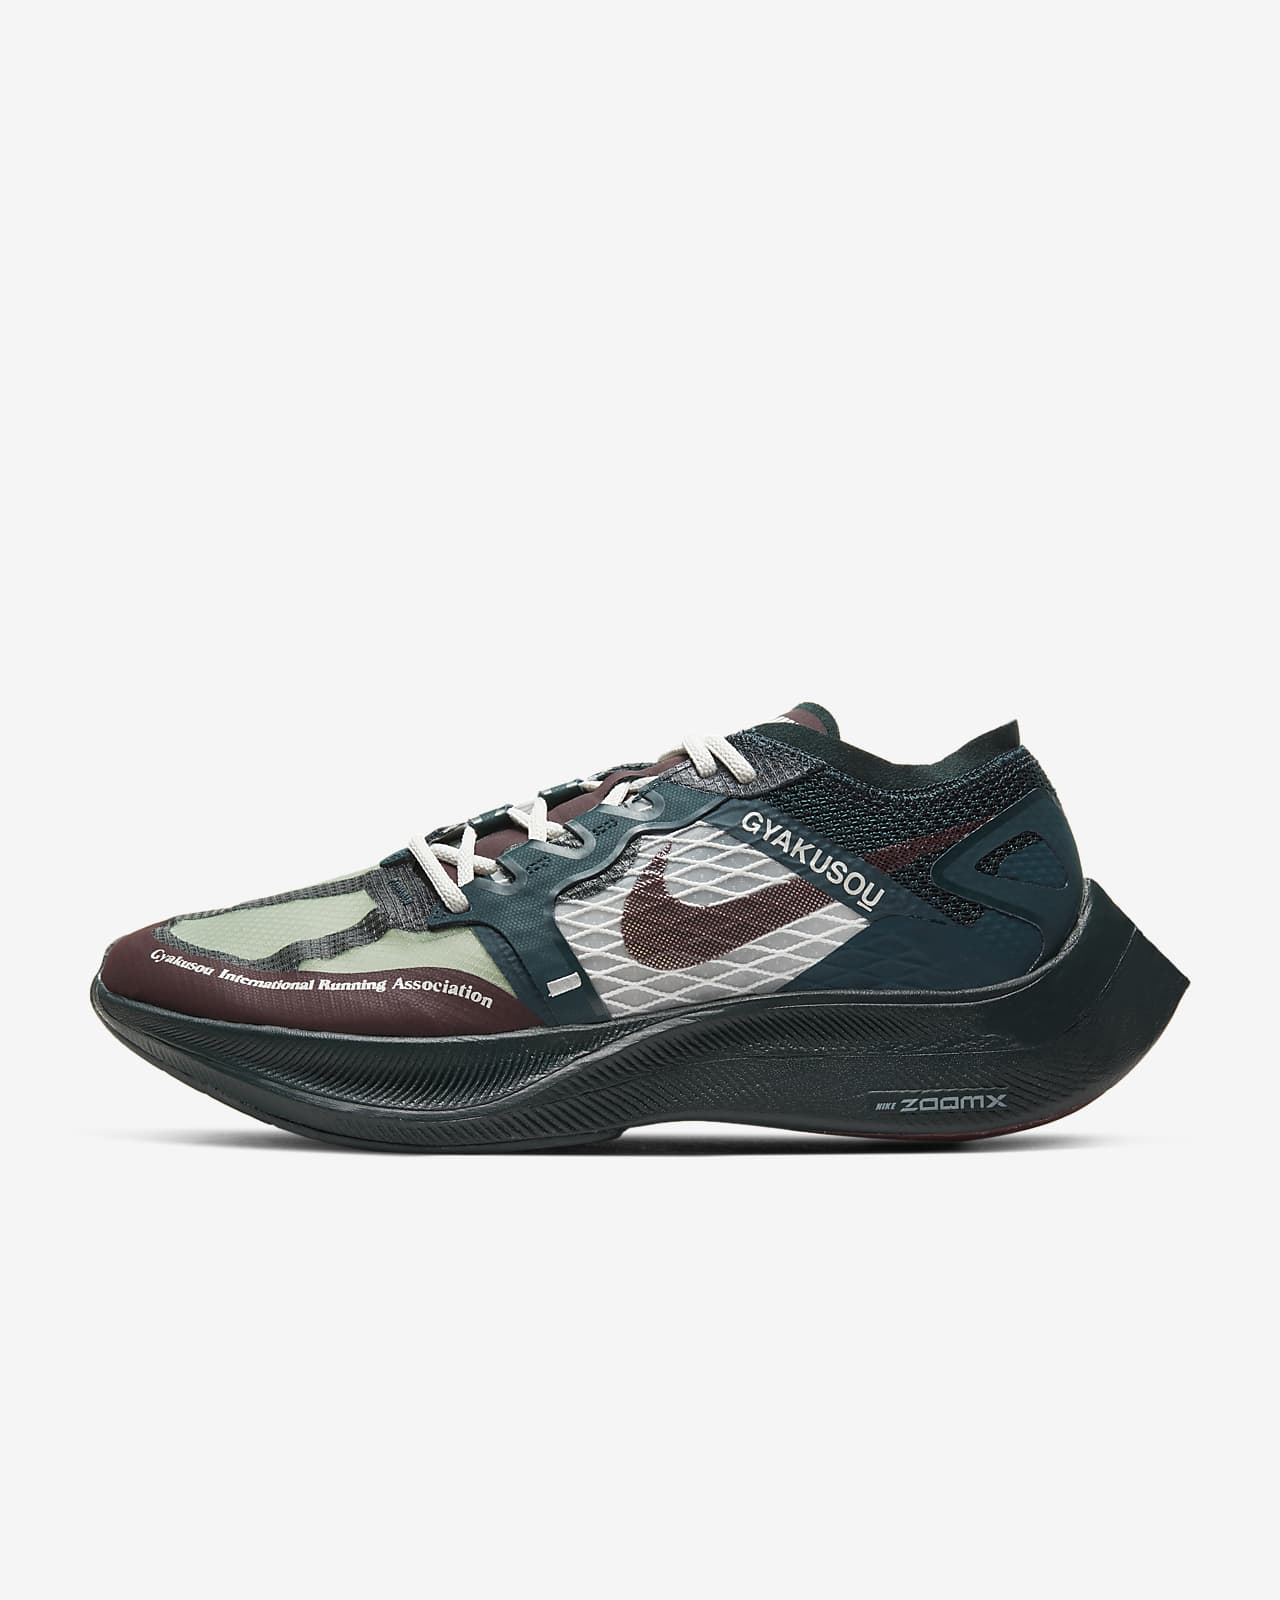 Nike ZoomX Vaporfly Next% x Gyakusou Hardloopschoen